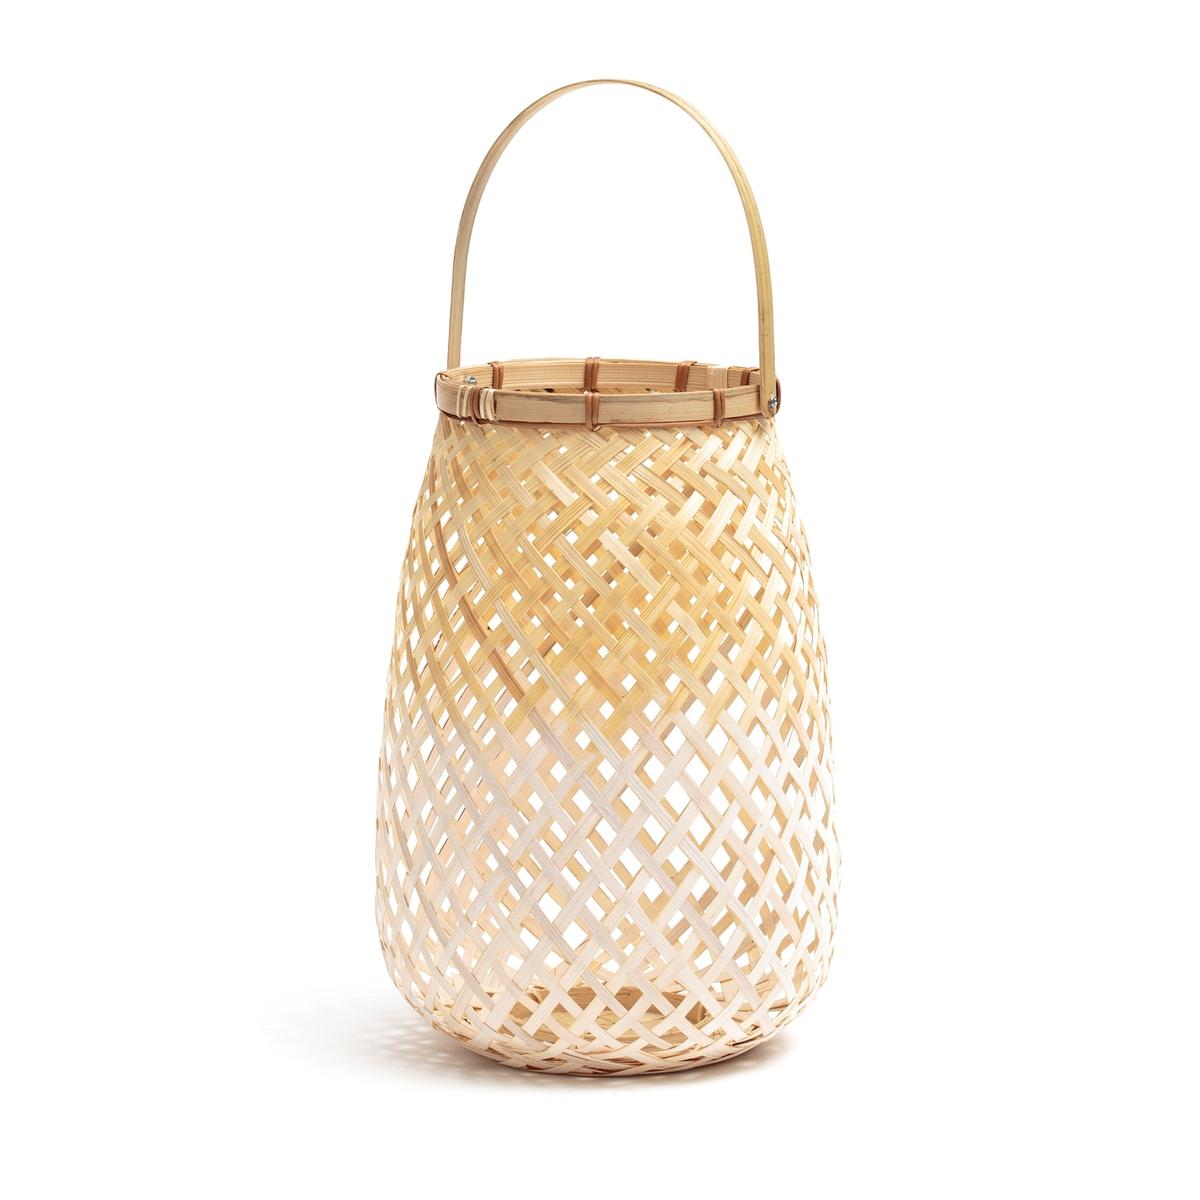 Светильник La Redoute Бамбуковый белыйнатуральный CORDO единый размер белый